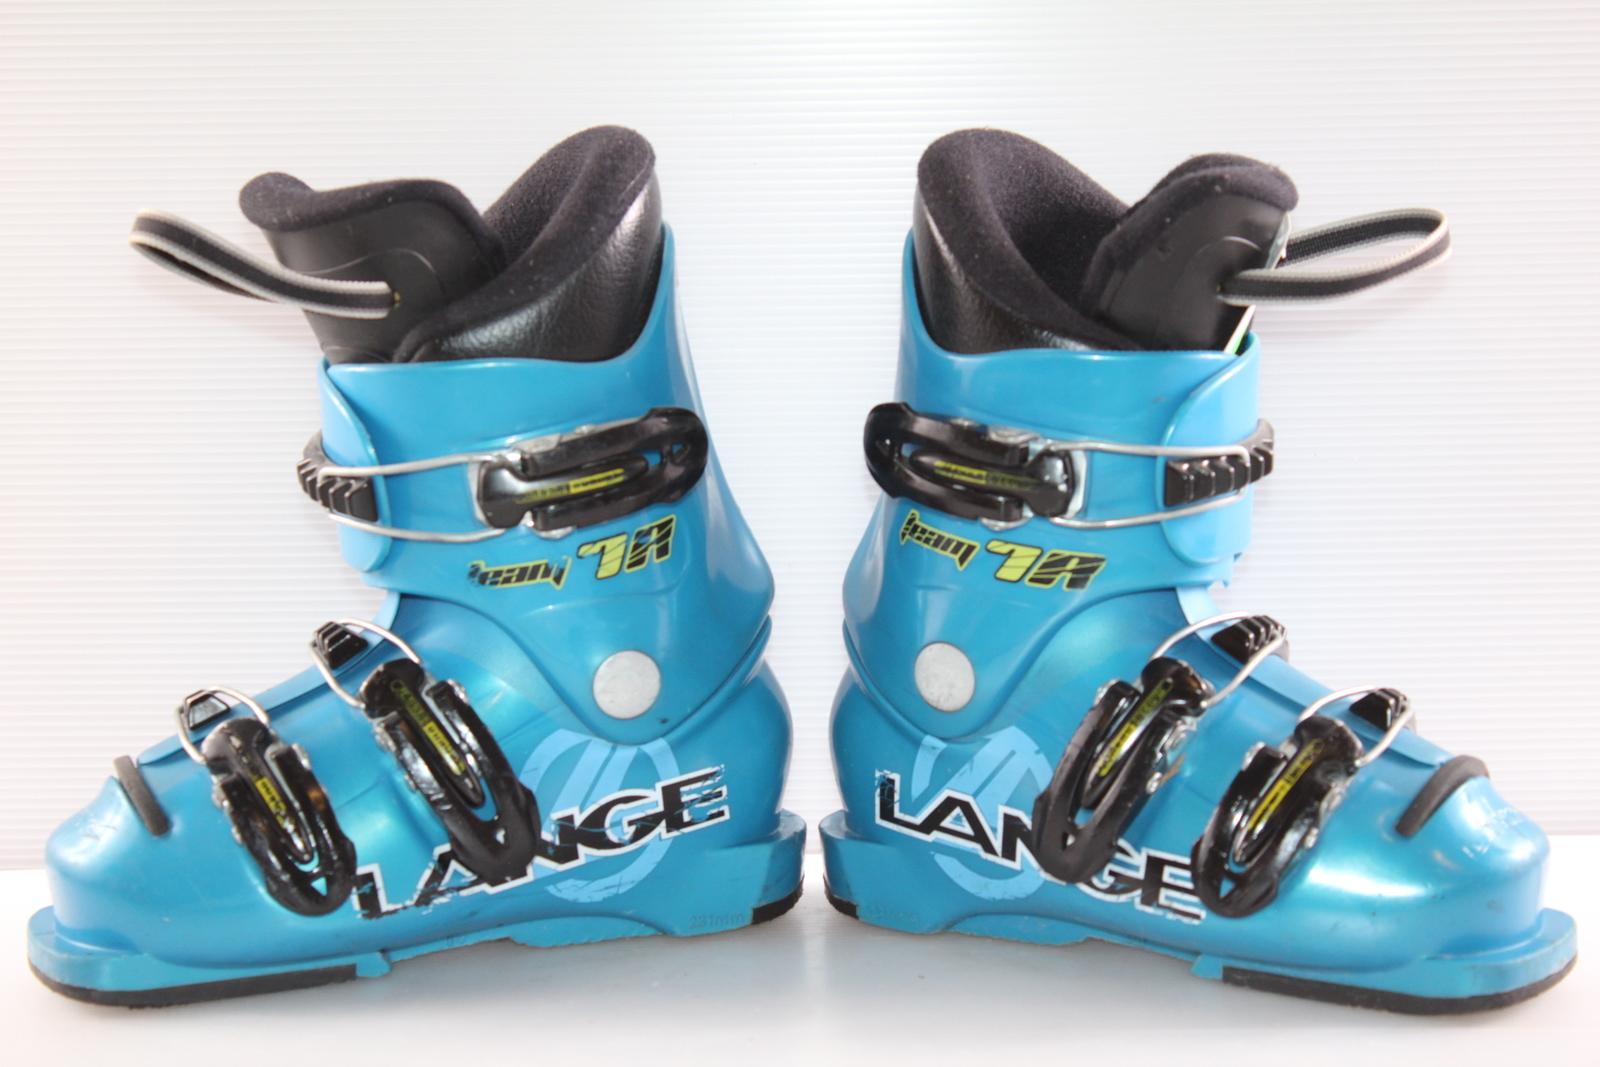 Dětské lyžáky Lange Team 7R vel. EU28